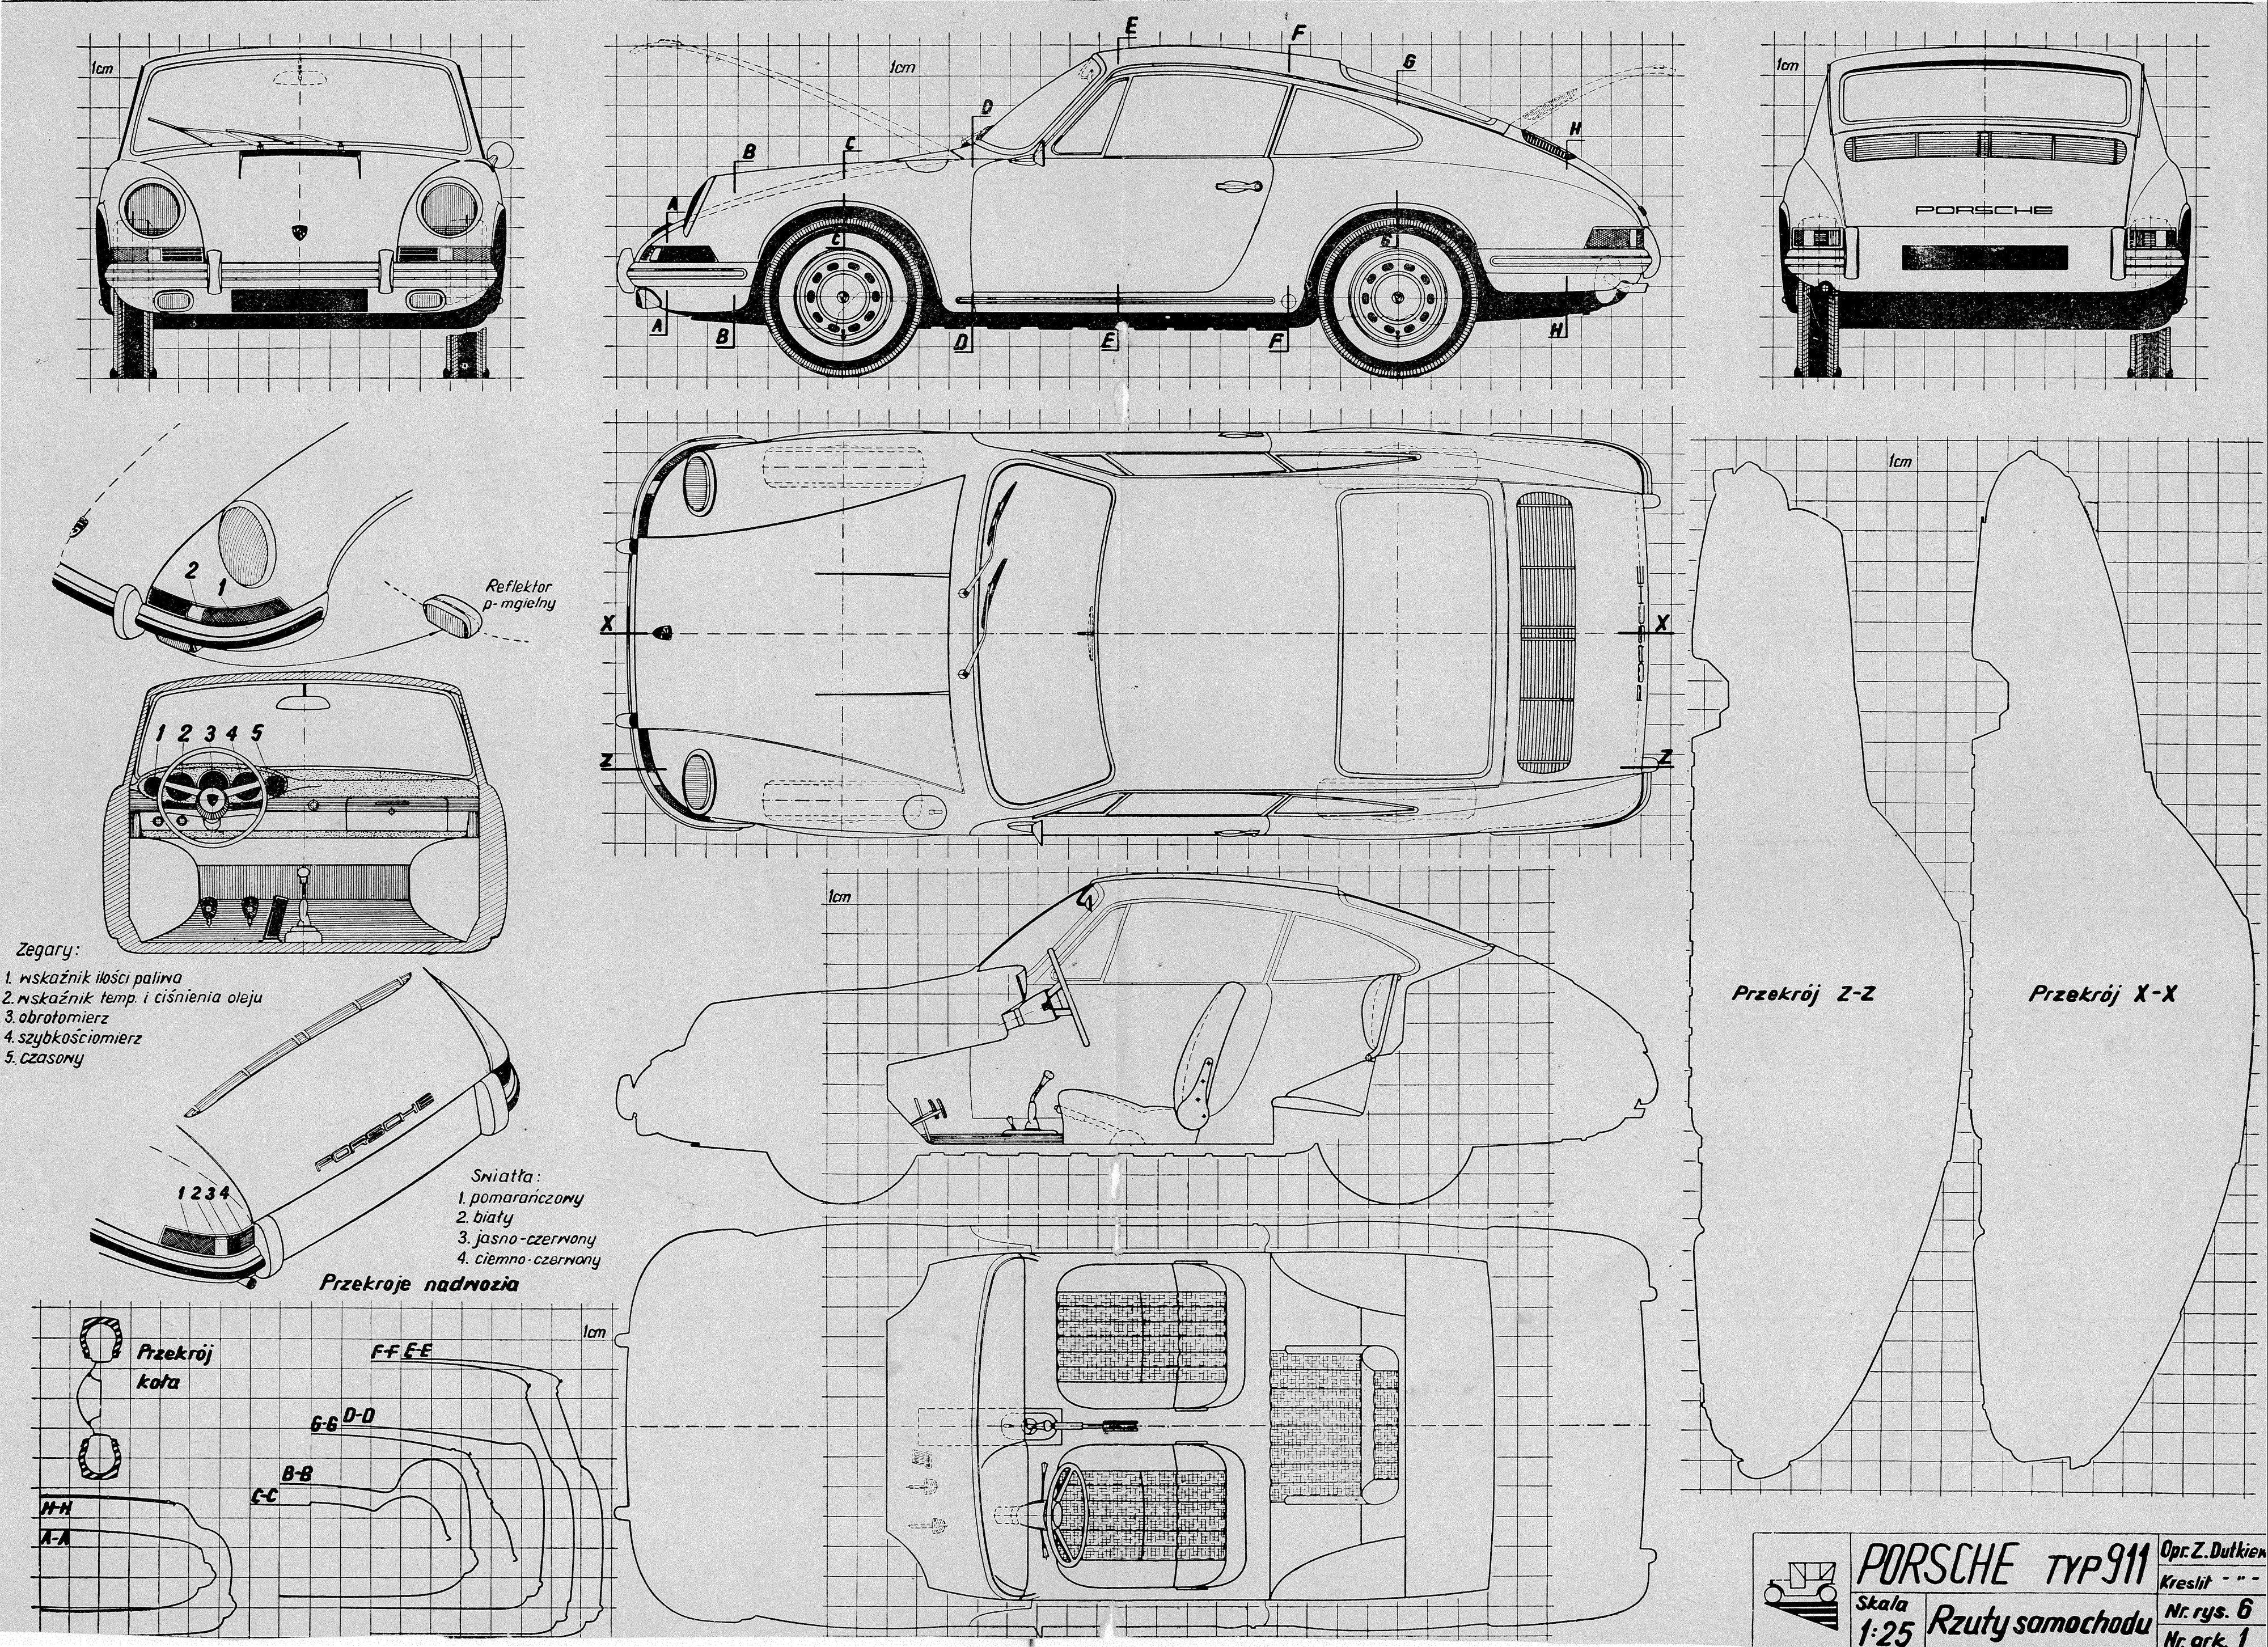 The Porsche Cayman GT4 | Pinterest | Plakate